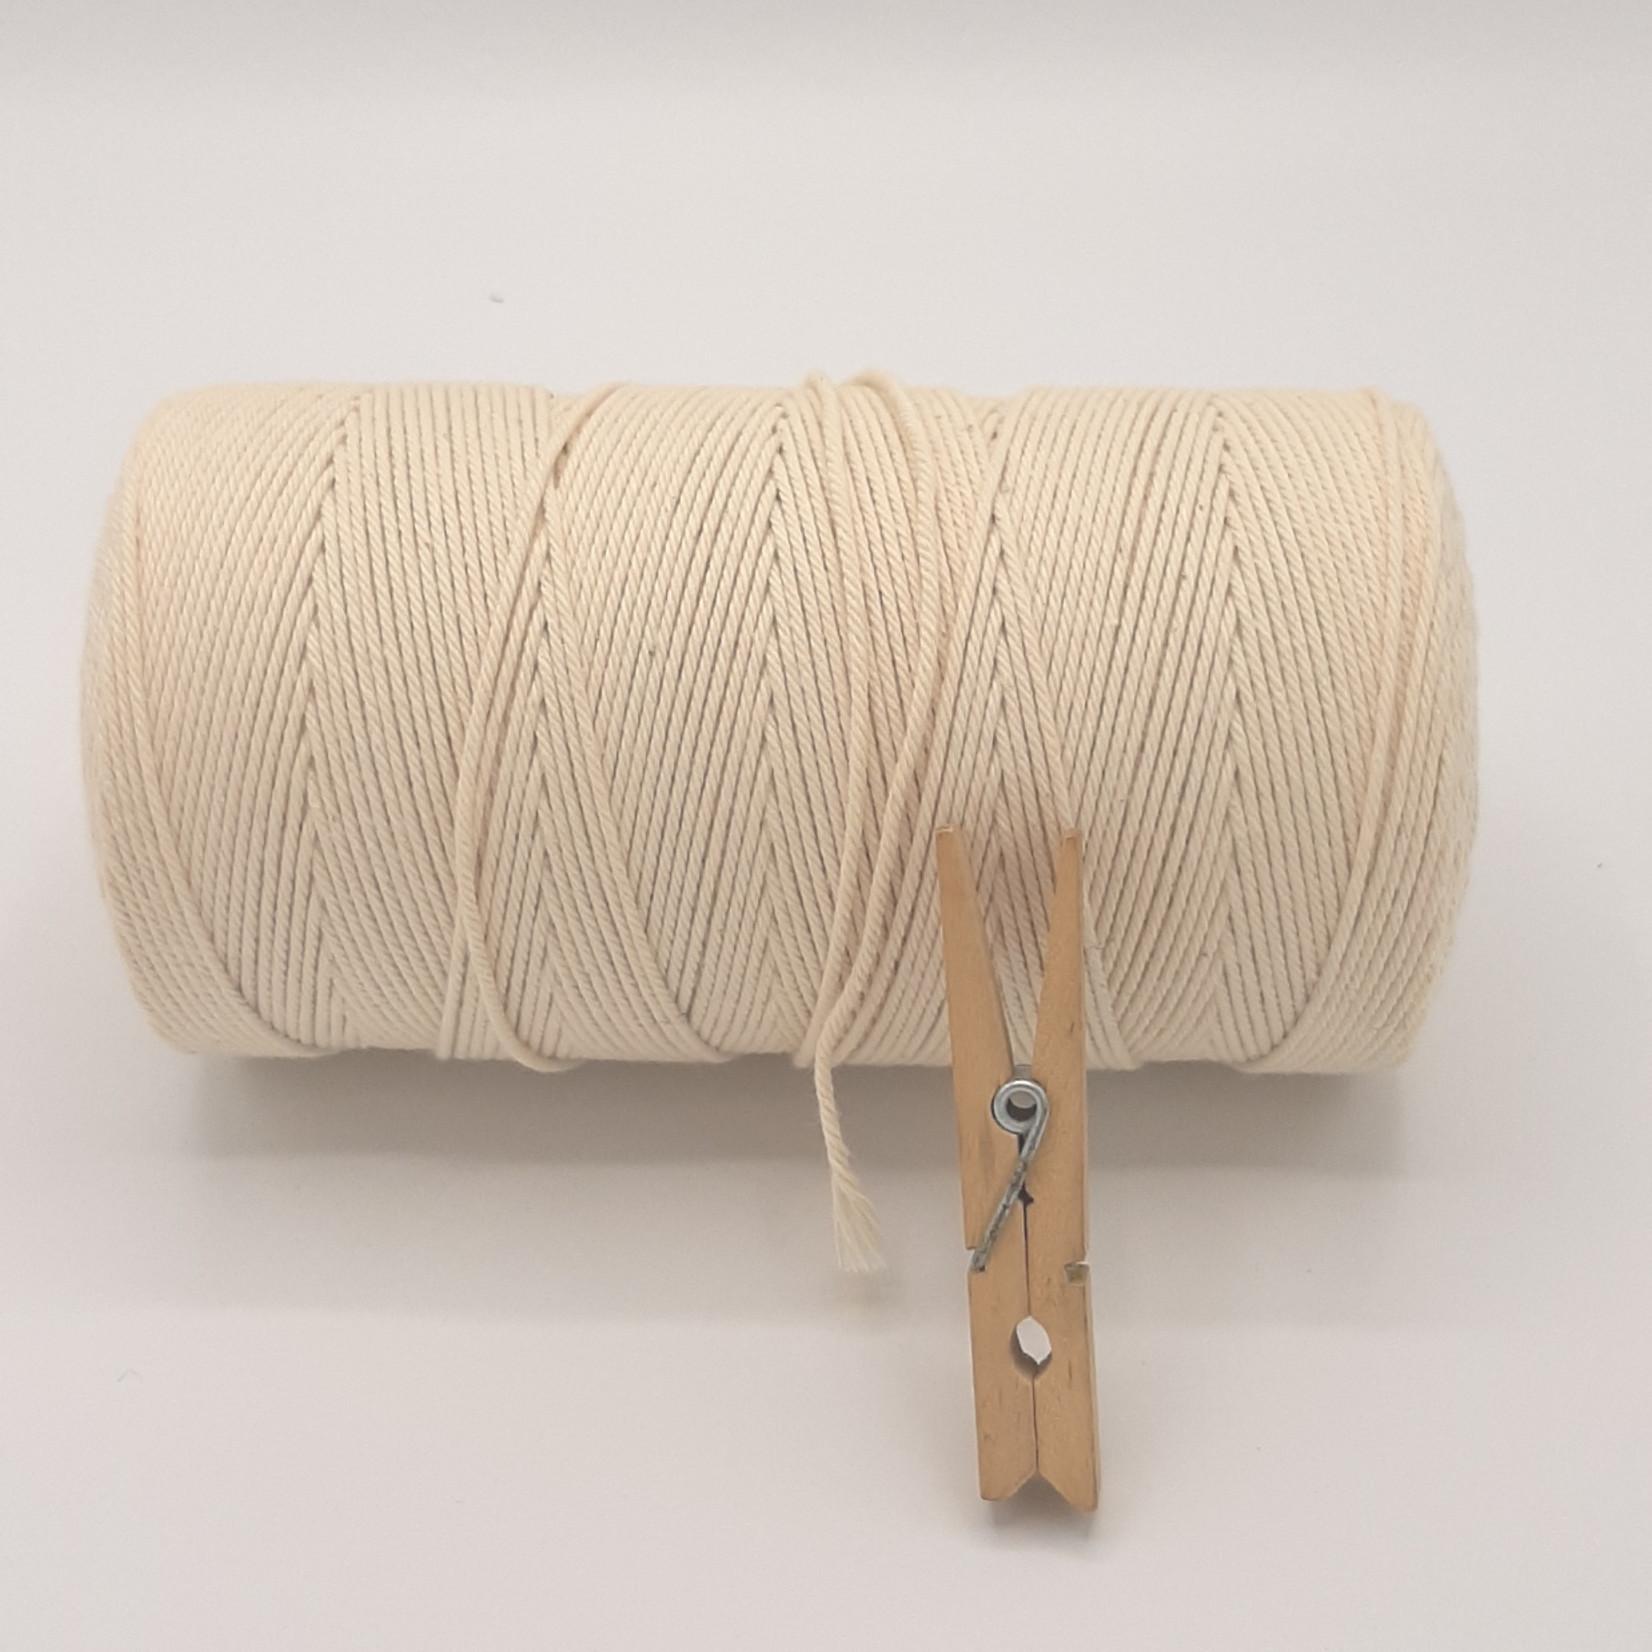 HollandWool Vissersgaren nr 24 macrame touw 500 gr. op cone spoel- 100% katoen 1.4 mm dik looplengte 100gr = 90 m. ecru